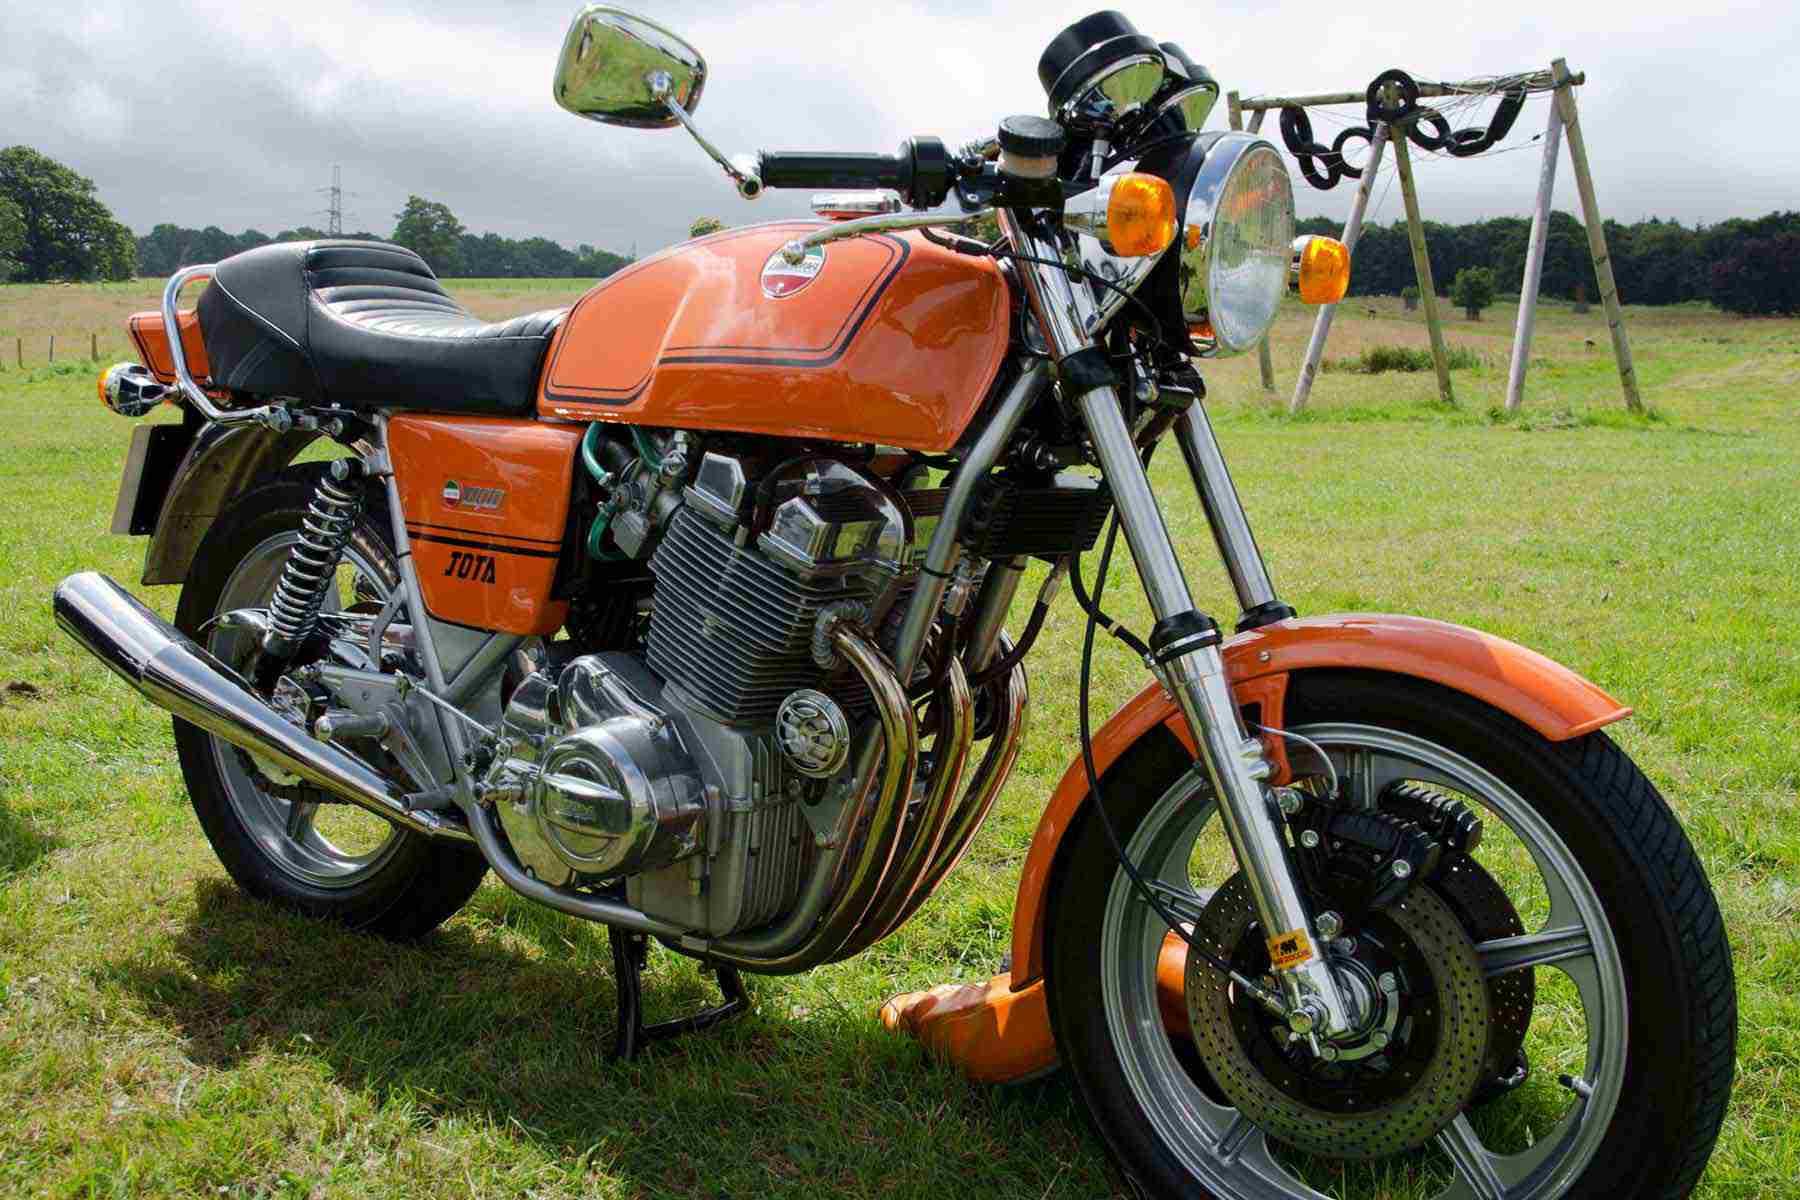 A 1981 Laverda Jota 1000.